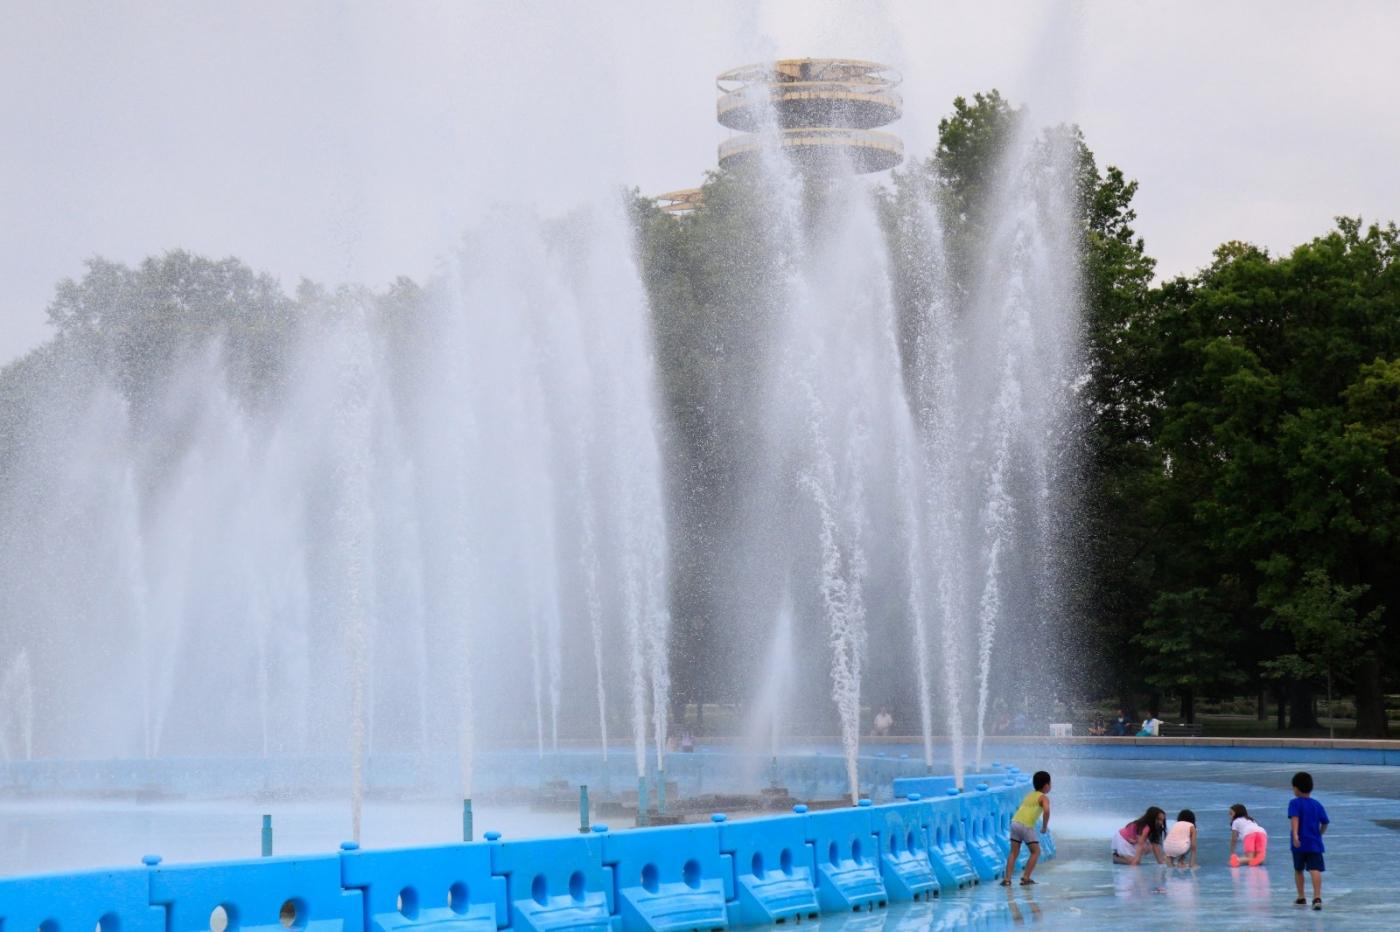 炎夏的可乐娜公园地球仪喷水池,是法拉盛周边居民休闲,娱乐的好地方 ..._图1-11